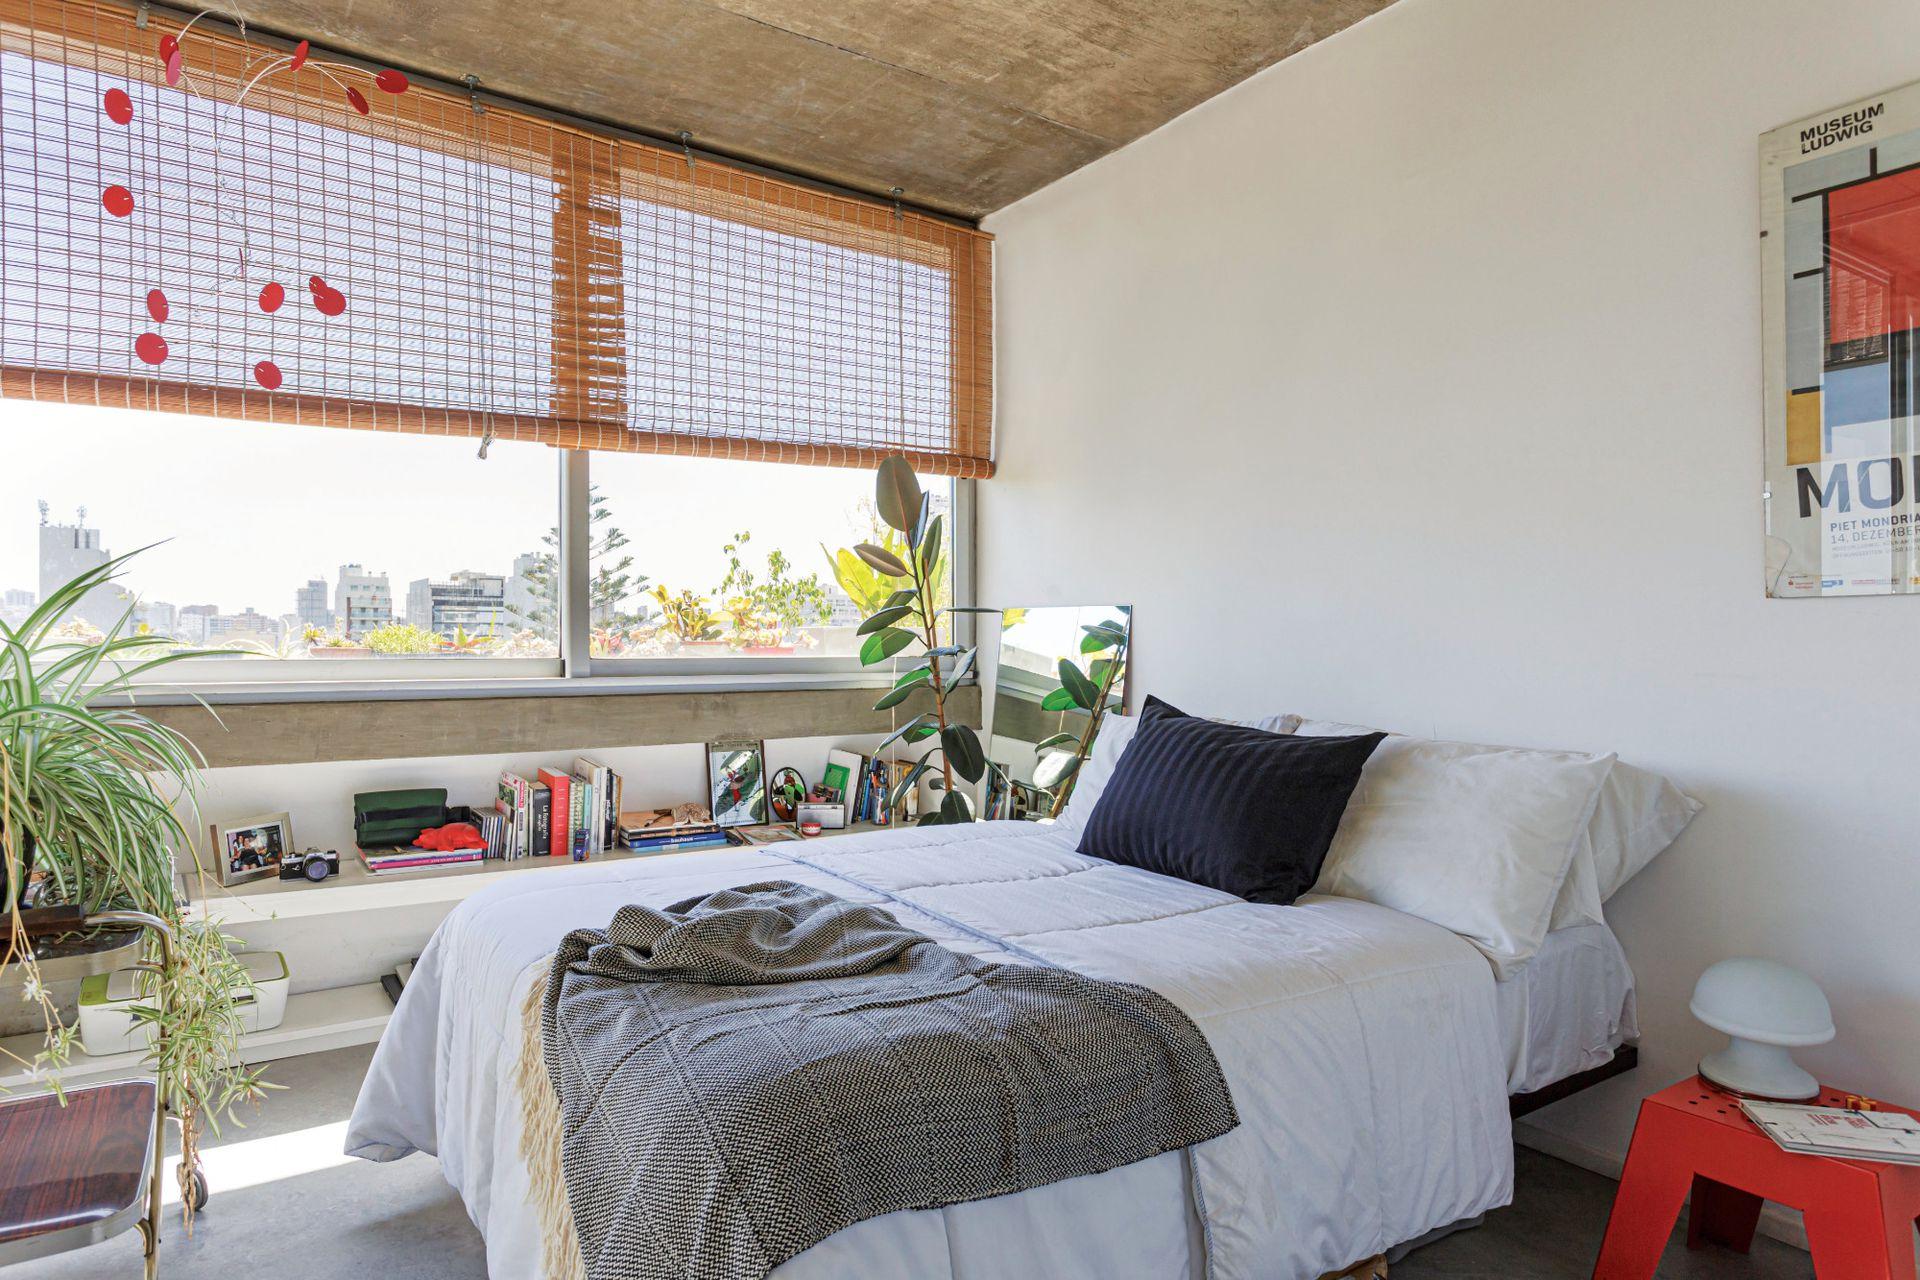 Sobre la cama, manta de algodón con flecos (Elementos Argentinos). Junto a la persiana de mimbre, móvil (Cuerpos móviles).